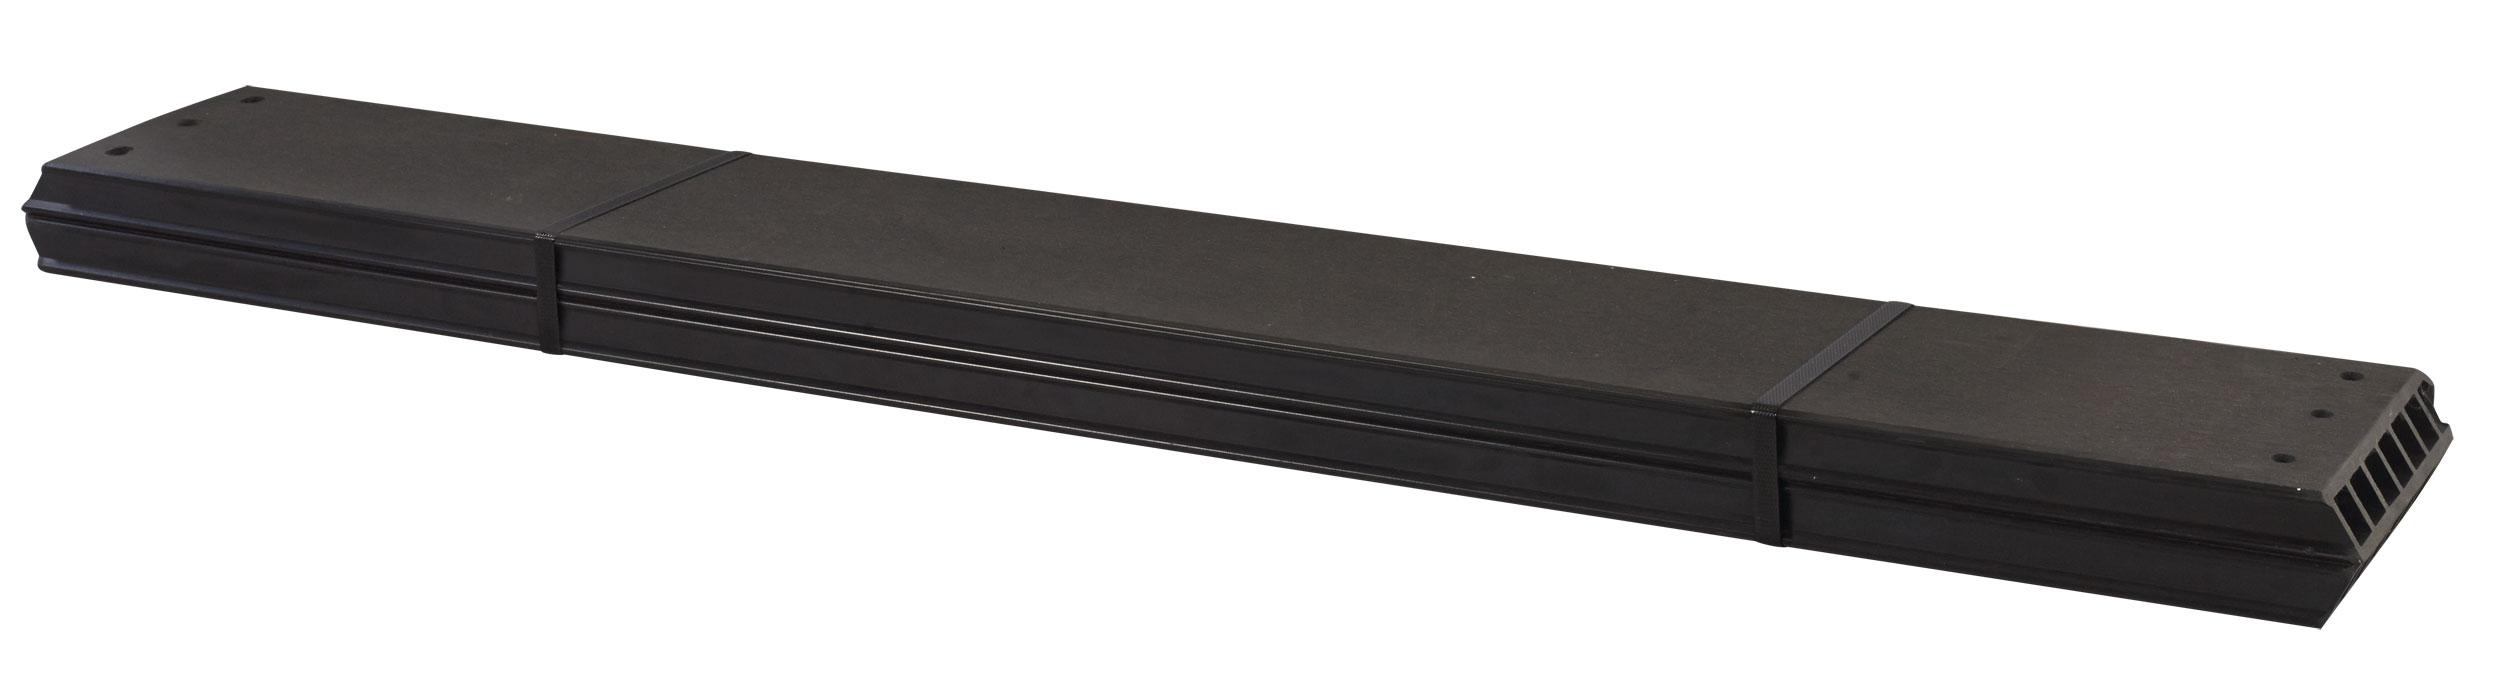 WPC Planken für PIPE Modulsystem Plus 2 Stück schiefergrau Länge 120cm Bild 1